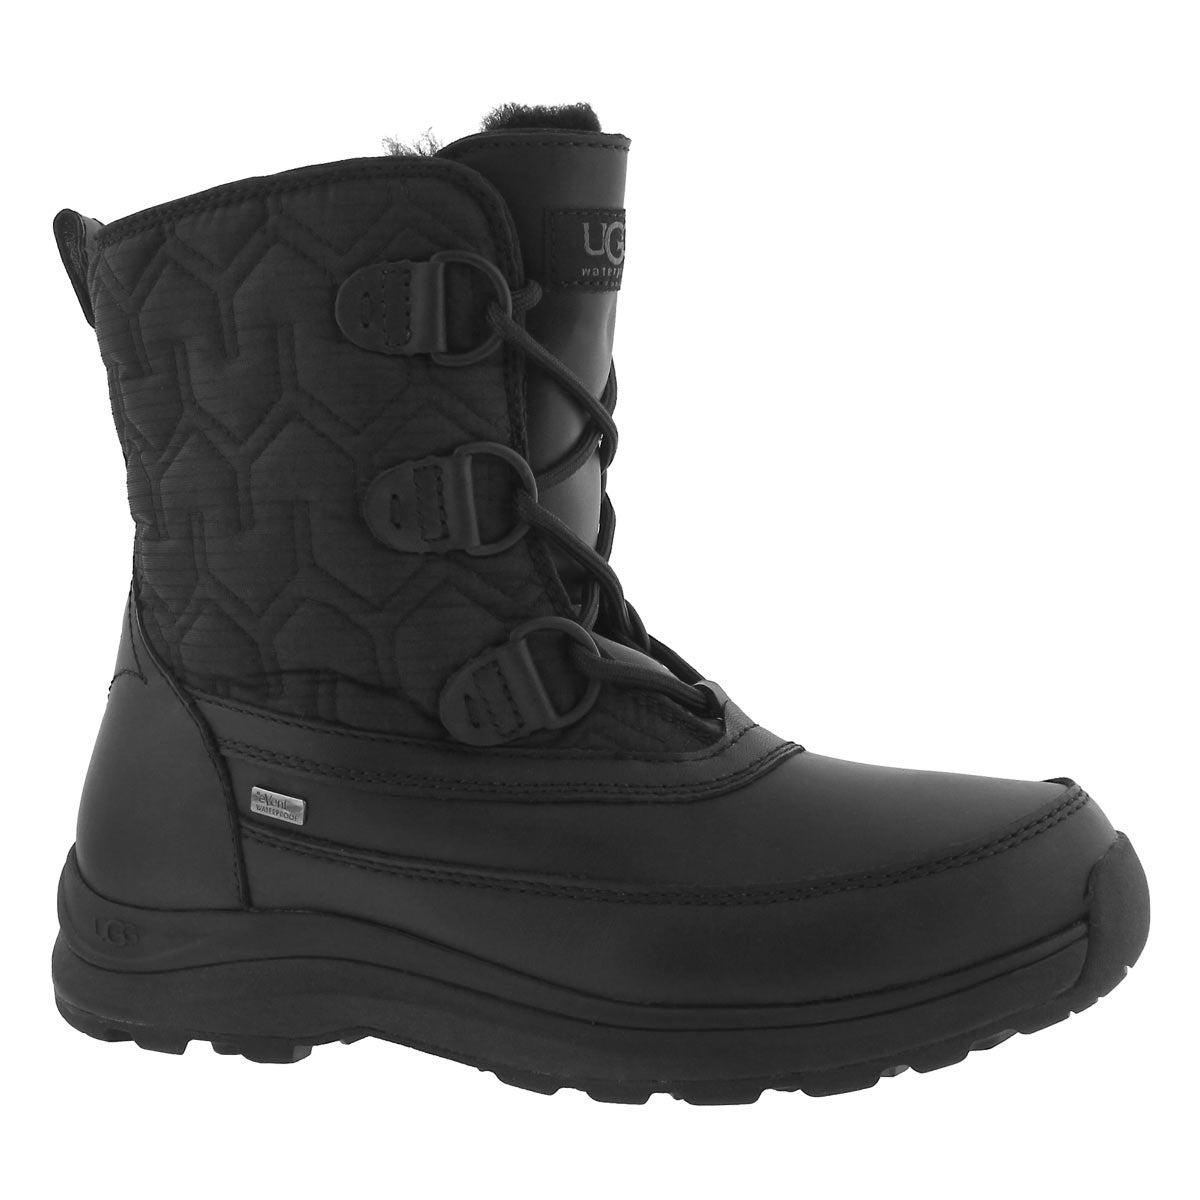 67bdc4efd84 Women's LACHLAN black waterproof winter boots